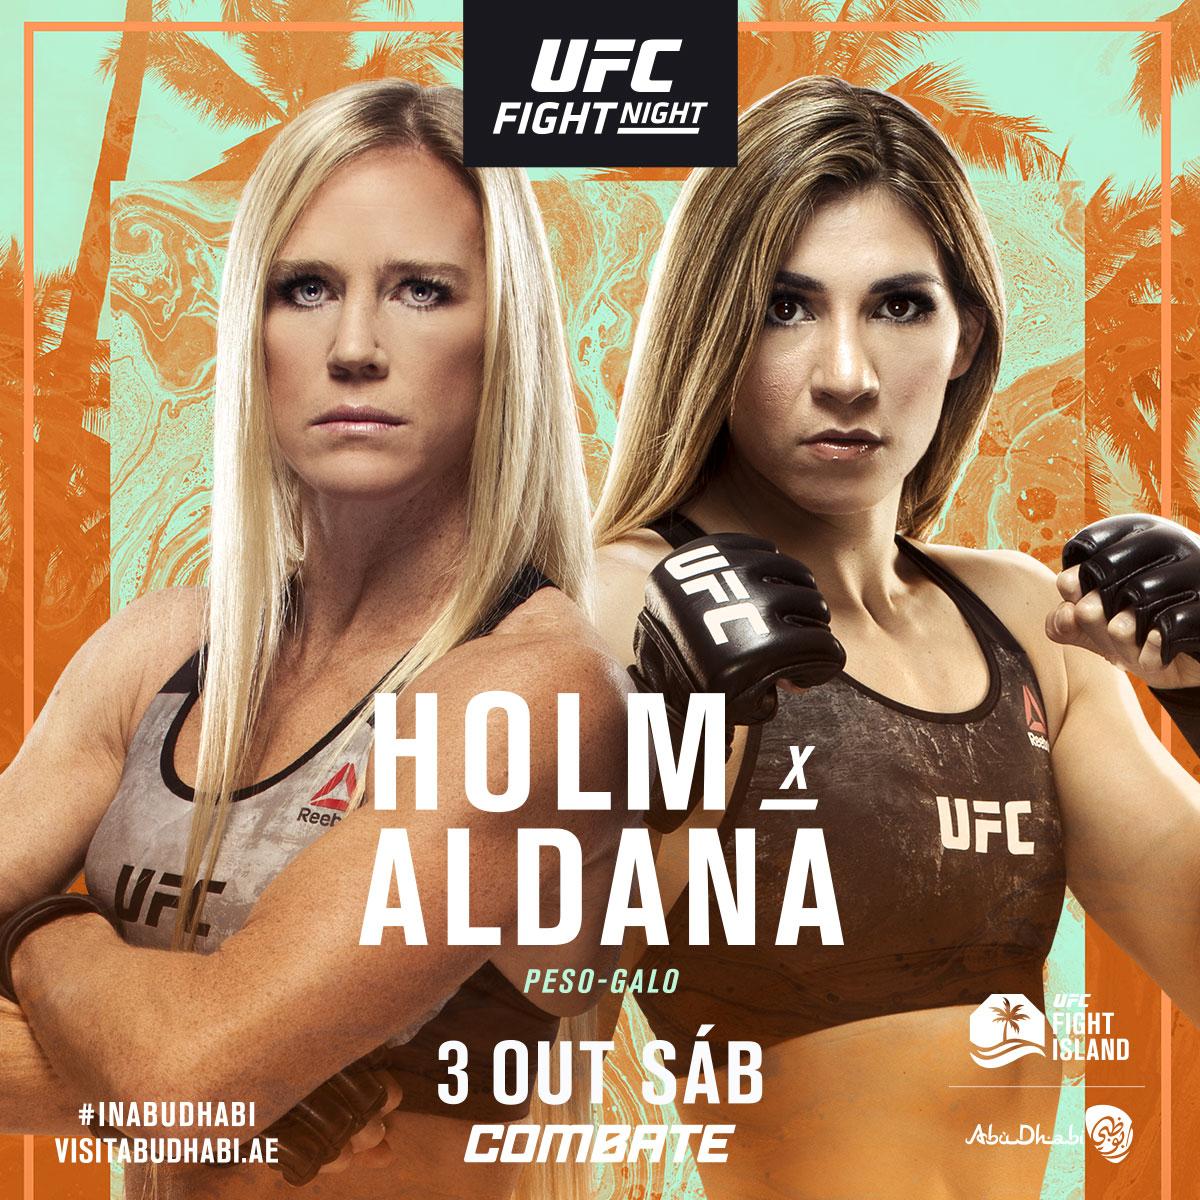 Próxima parada 🏝 #UFCFightIsland4 🇺🇸 @HollyHolm 🆚 @IreneAldana_ 🇲🇽 📅 Sábado, 3 de outubro ⏰ A partir das 20h30 (horário de Brasília) 📺💻📱 Ao Vivo e exclusivo no @canalCombate. Assine já ➡ https://t.co/ft1a87ueBk https://t.co/5xrOqdAnZn